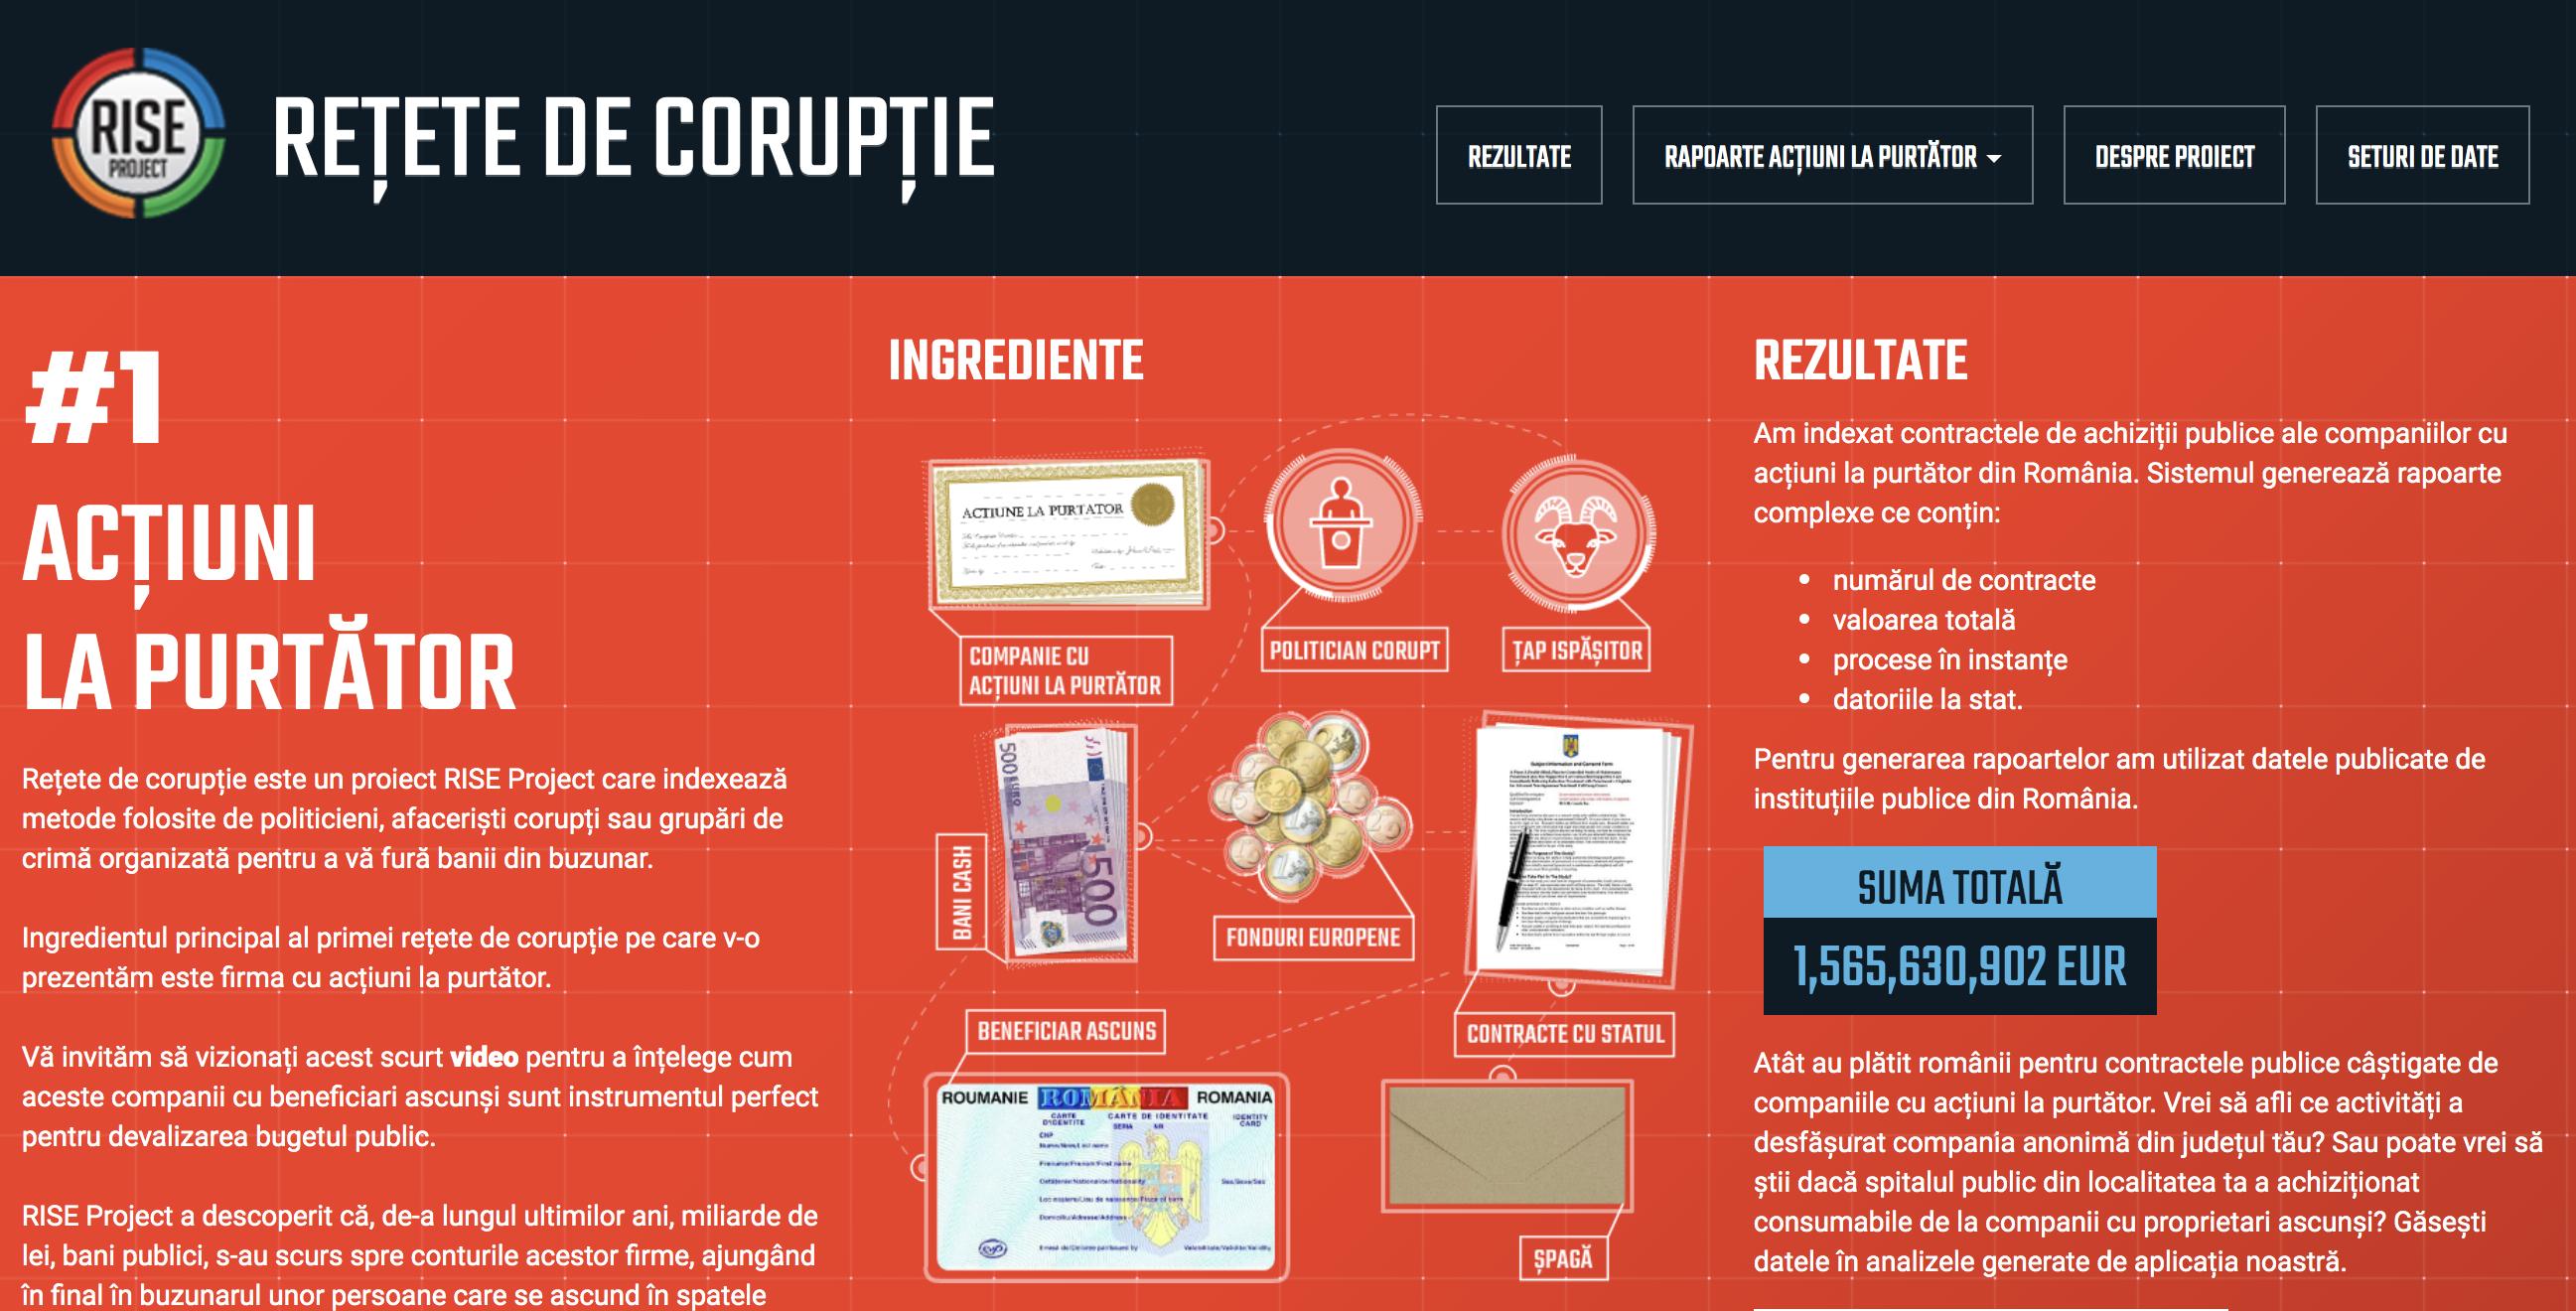 Așa arată portalul companiilor cu acțiuni la purtător realizat de RISE Project.